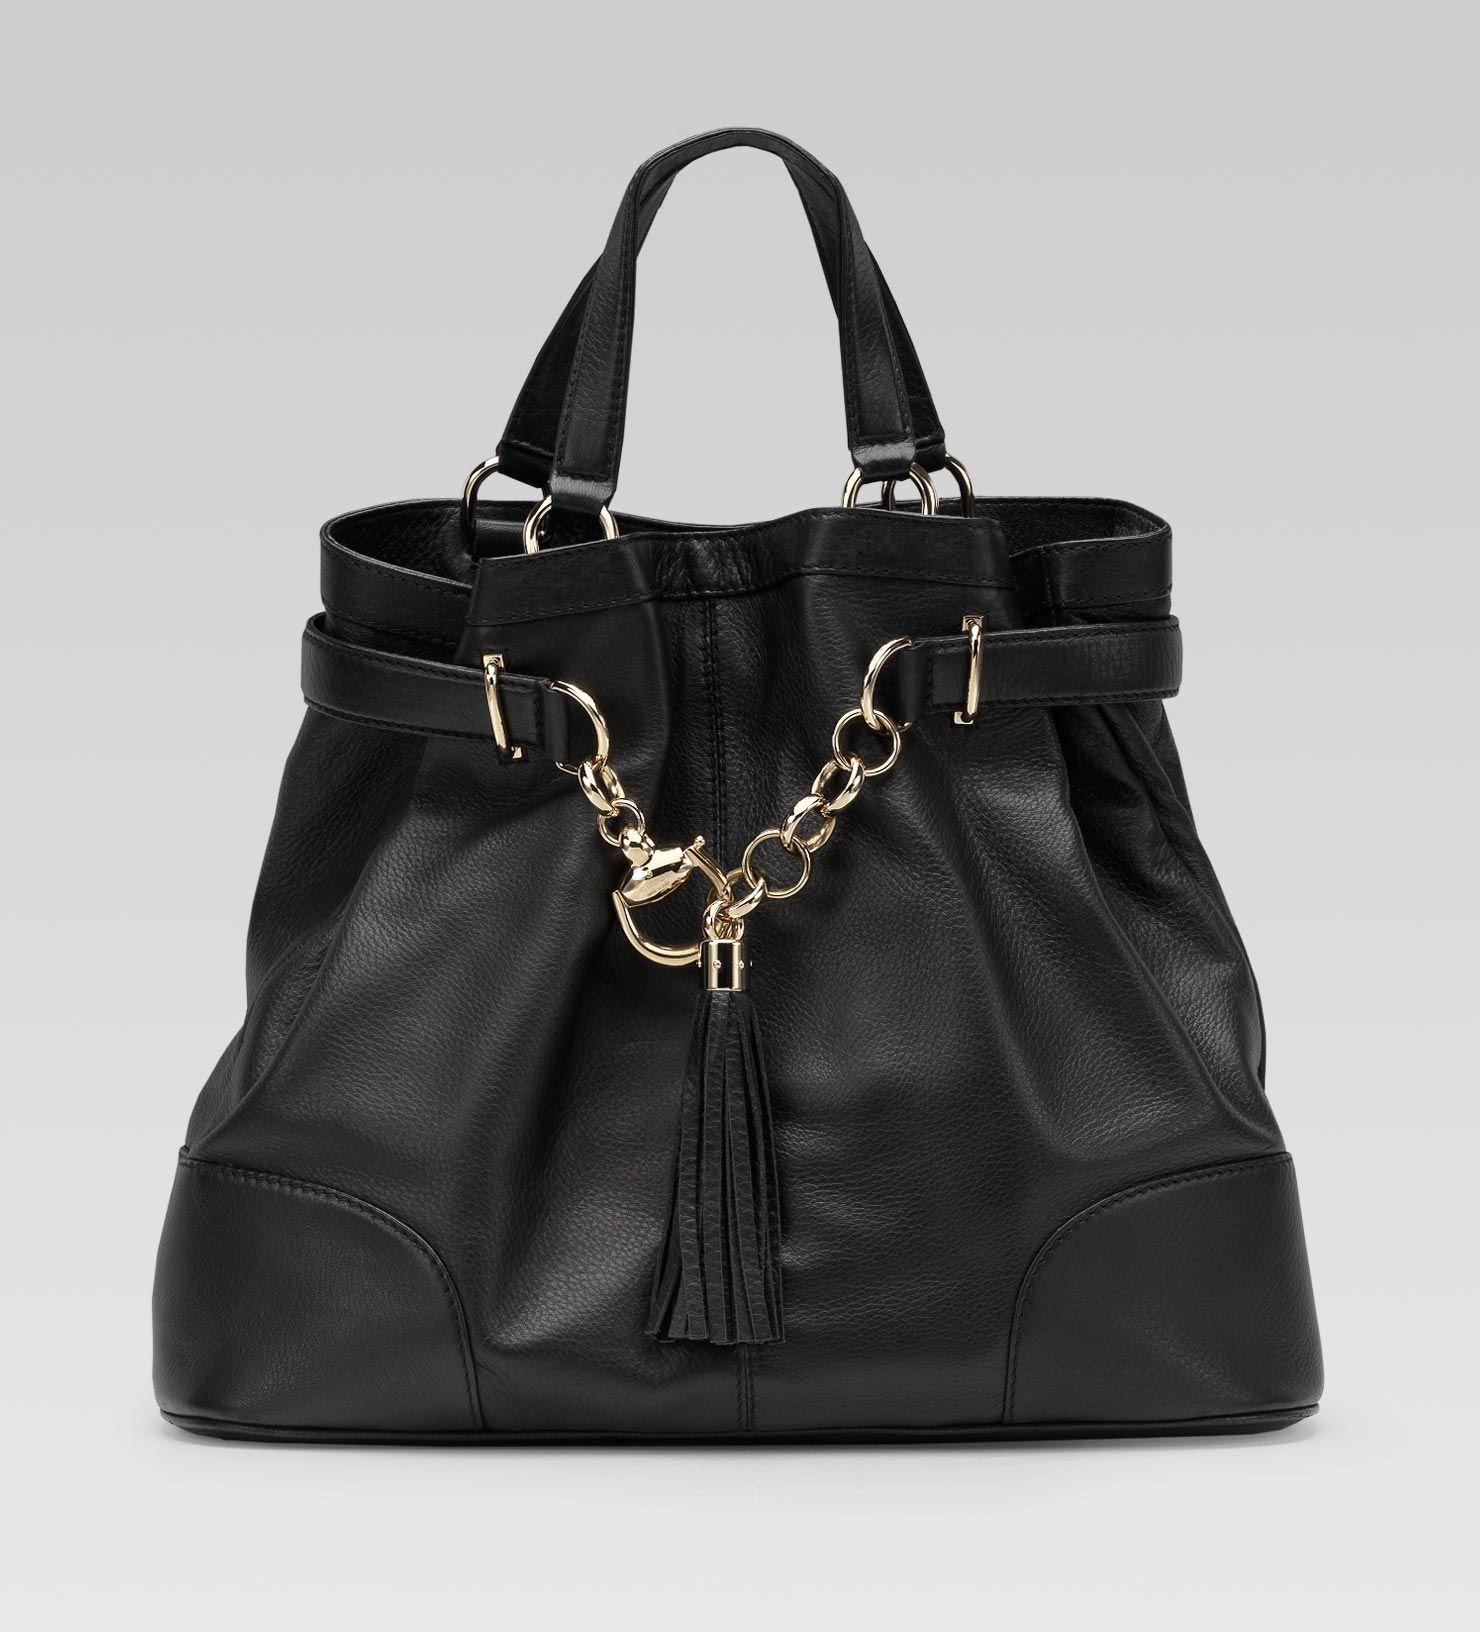 b216a0f9b15c48 Gucci, Gucci, Goo! | Fashion Cents | Pinterest | Gucci, Gucci ...